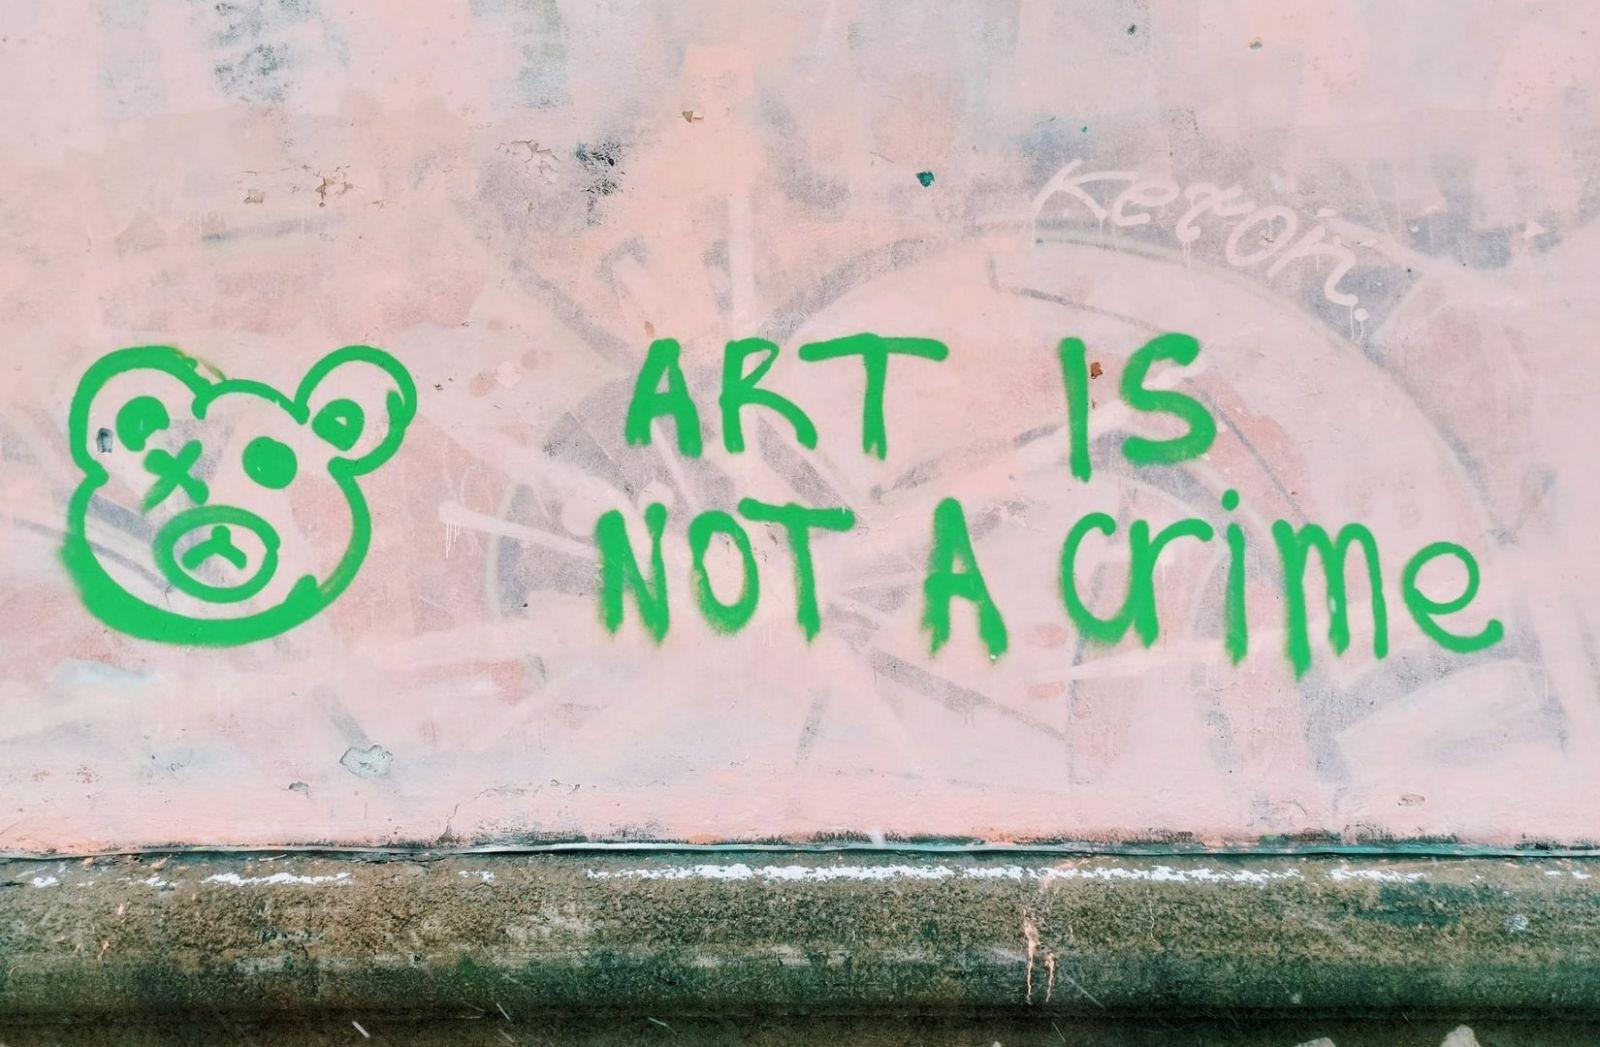 Art is not a crime, Satire über Impfstoffe auch nicht. (Foto: Natalie Dmay, Unsplash.com)